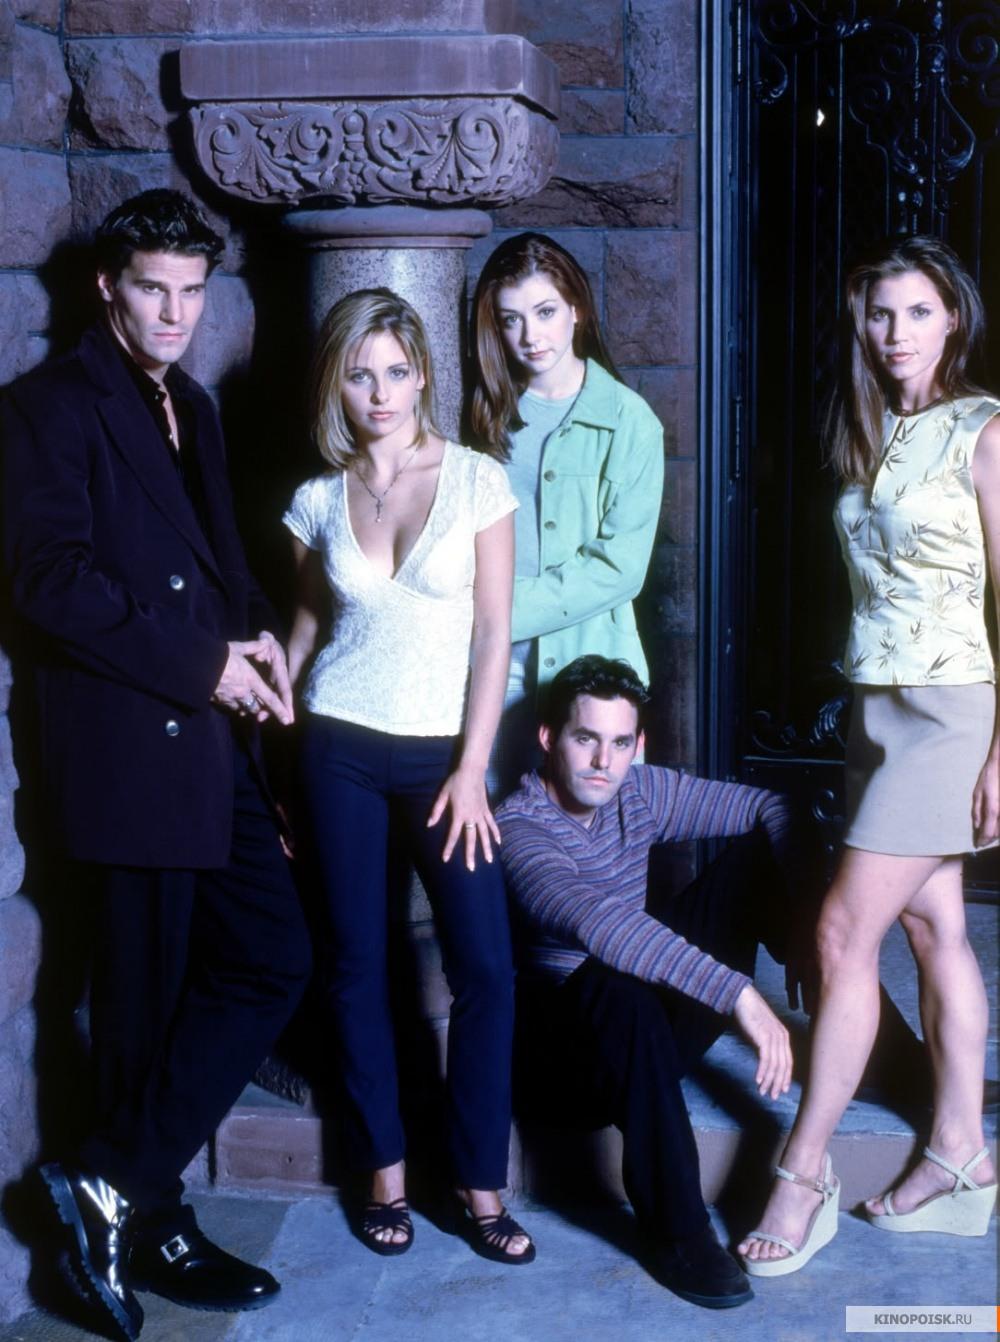 http://st.kinopoisk.ru/im/kadr/1/0/1/kinopoisk.ru-Buffy-the-Vampire-Slayer-1016540.jpg